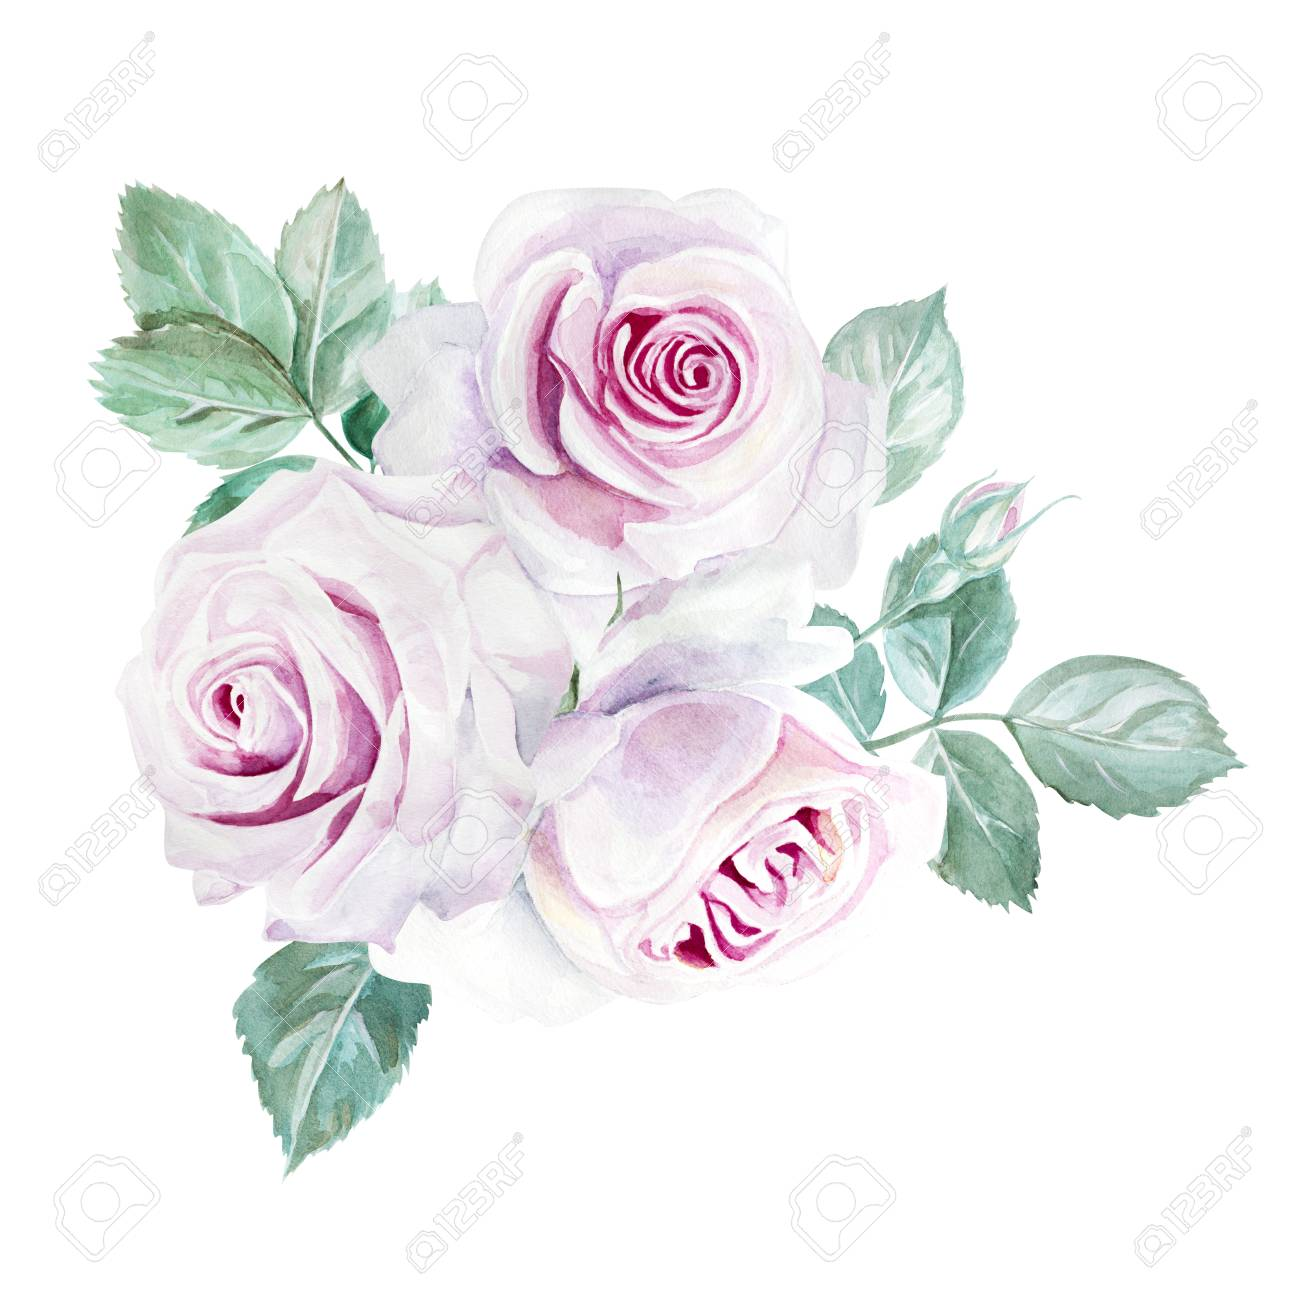 水彩のピンクのバラ花束イラスト の写真素材画像素材 Image 86432066